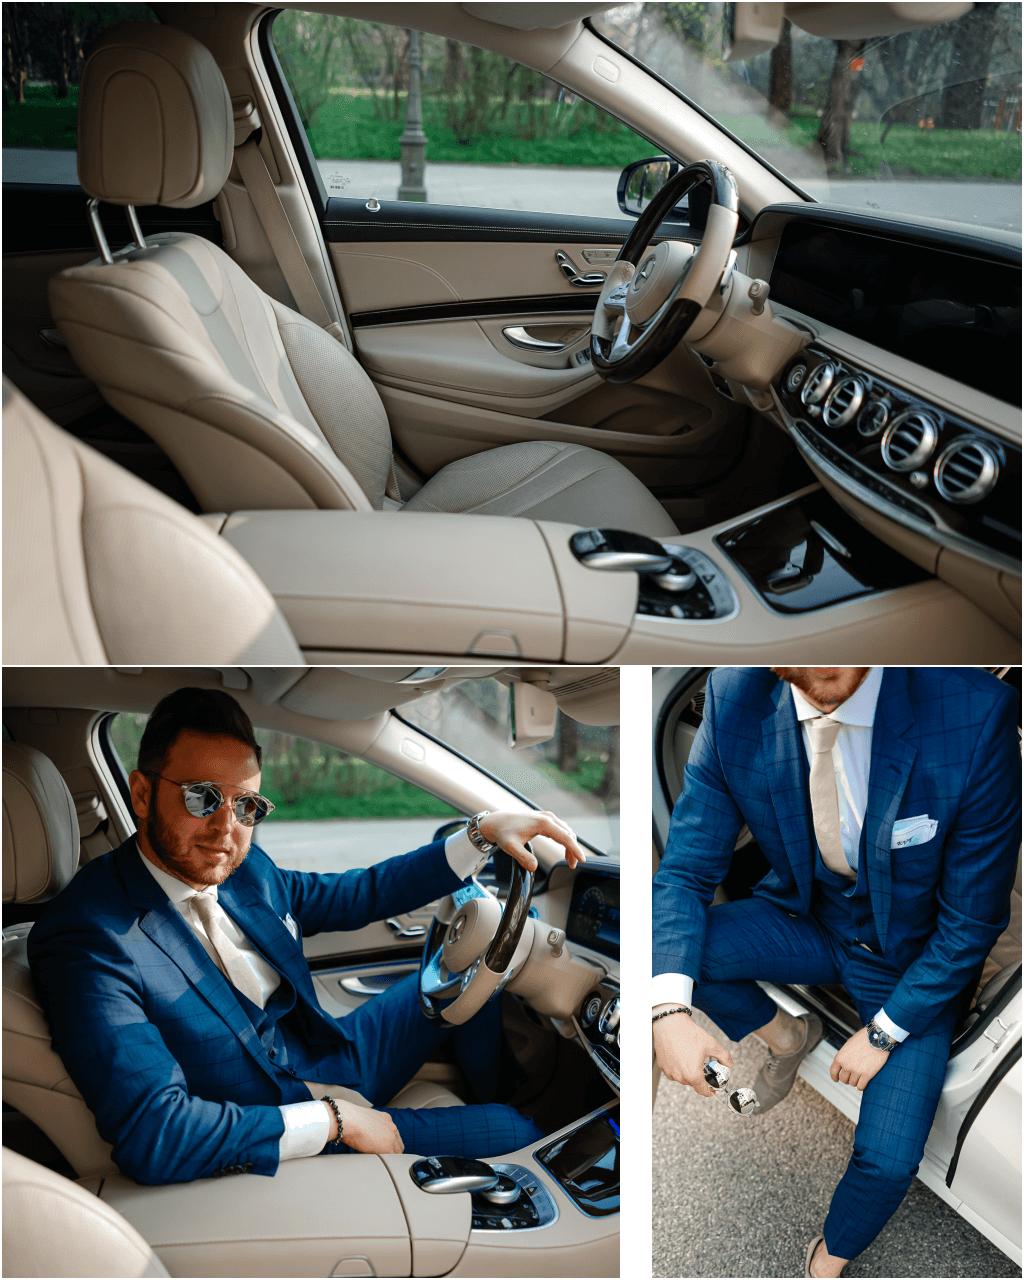 sehr hochwertiges Interieur der Mercedes-Benz S-Klasse - Leder Nappa in der Farbe porzelan